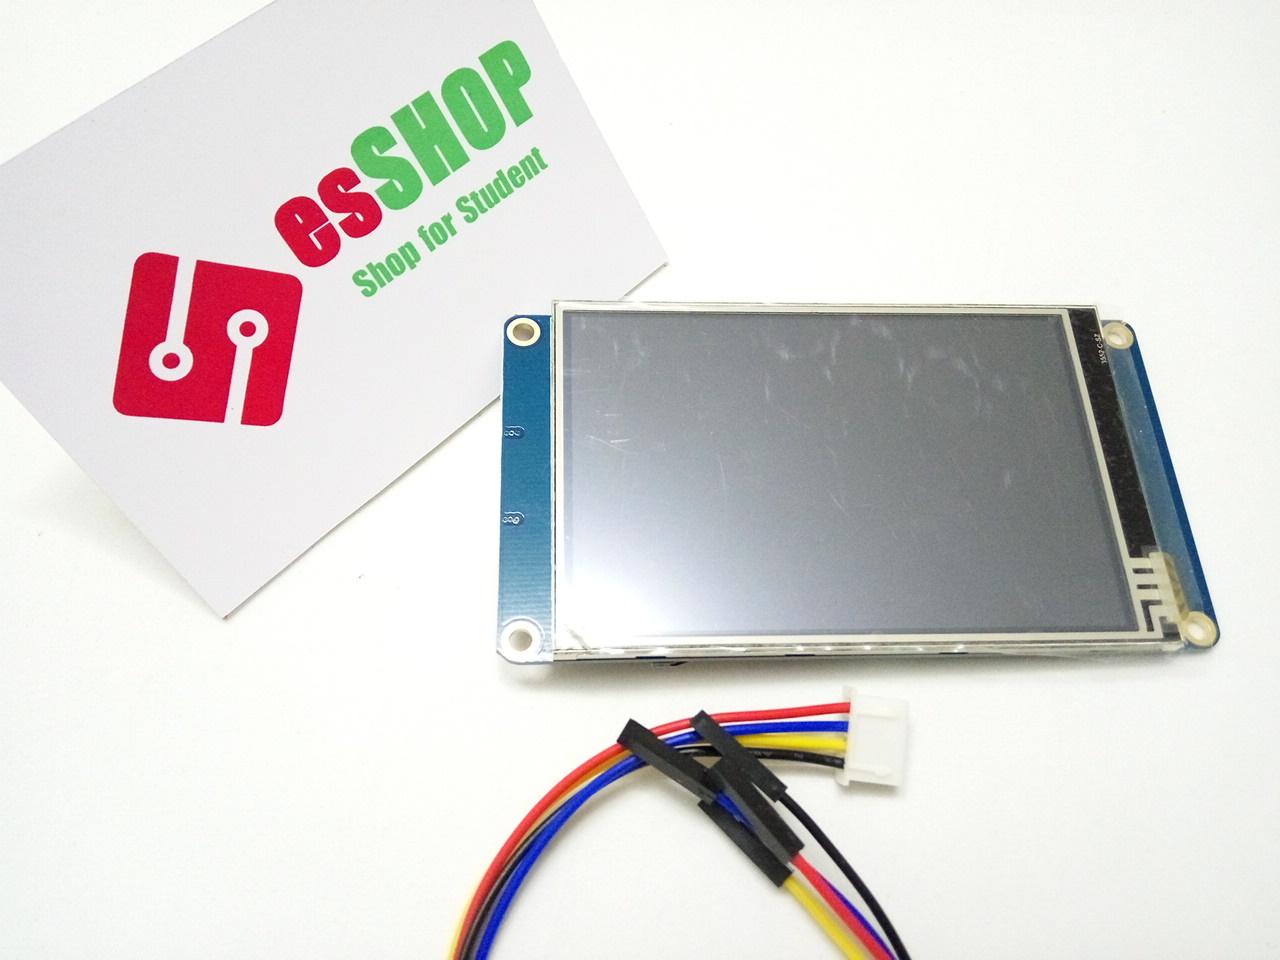 Z3350B115 - Màn Hình HMI UART Cảm Ứng Nextion (TJC) 3.5 Inch